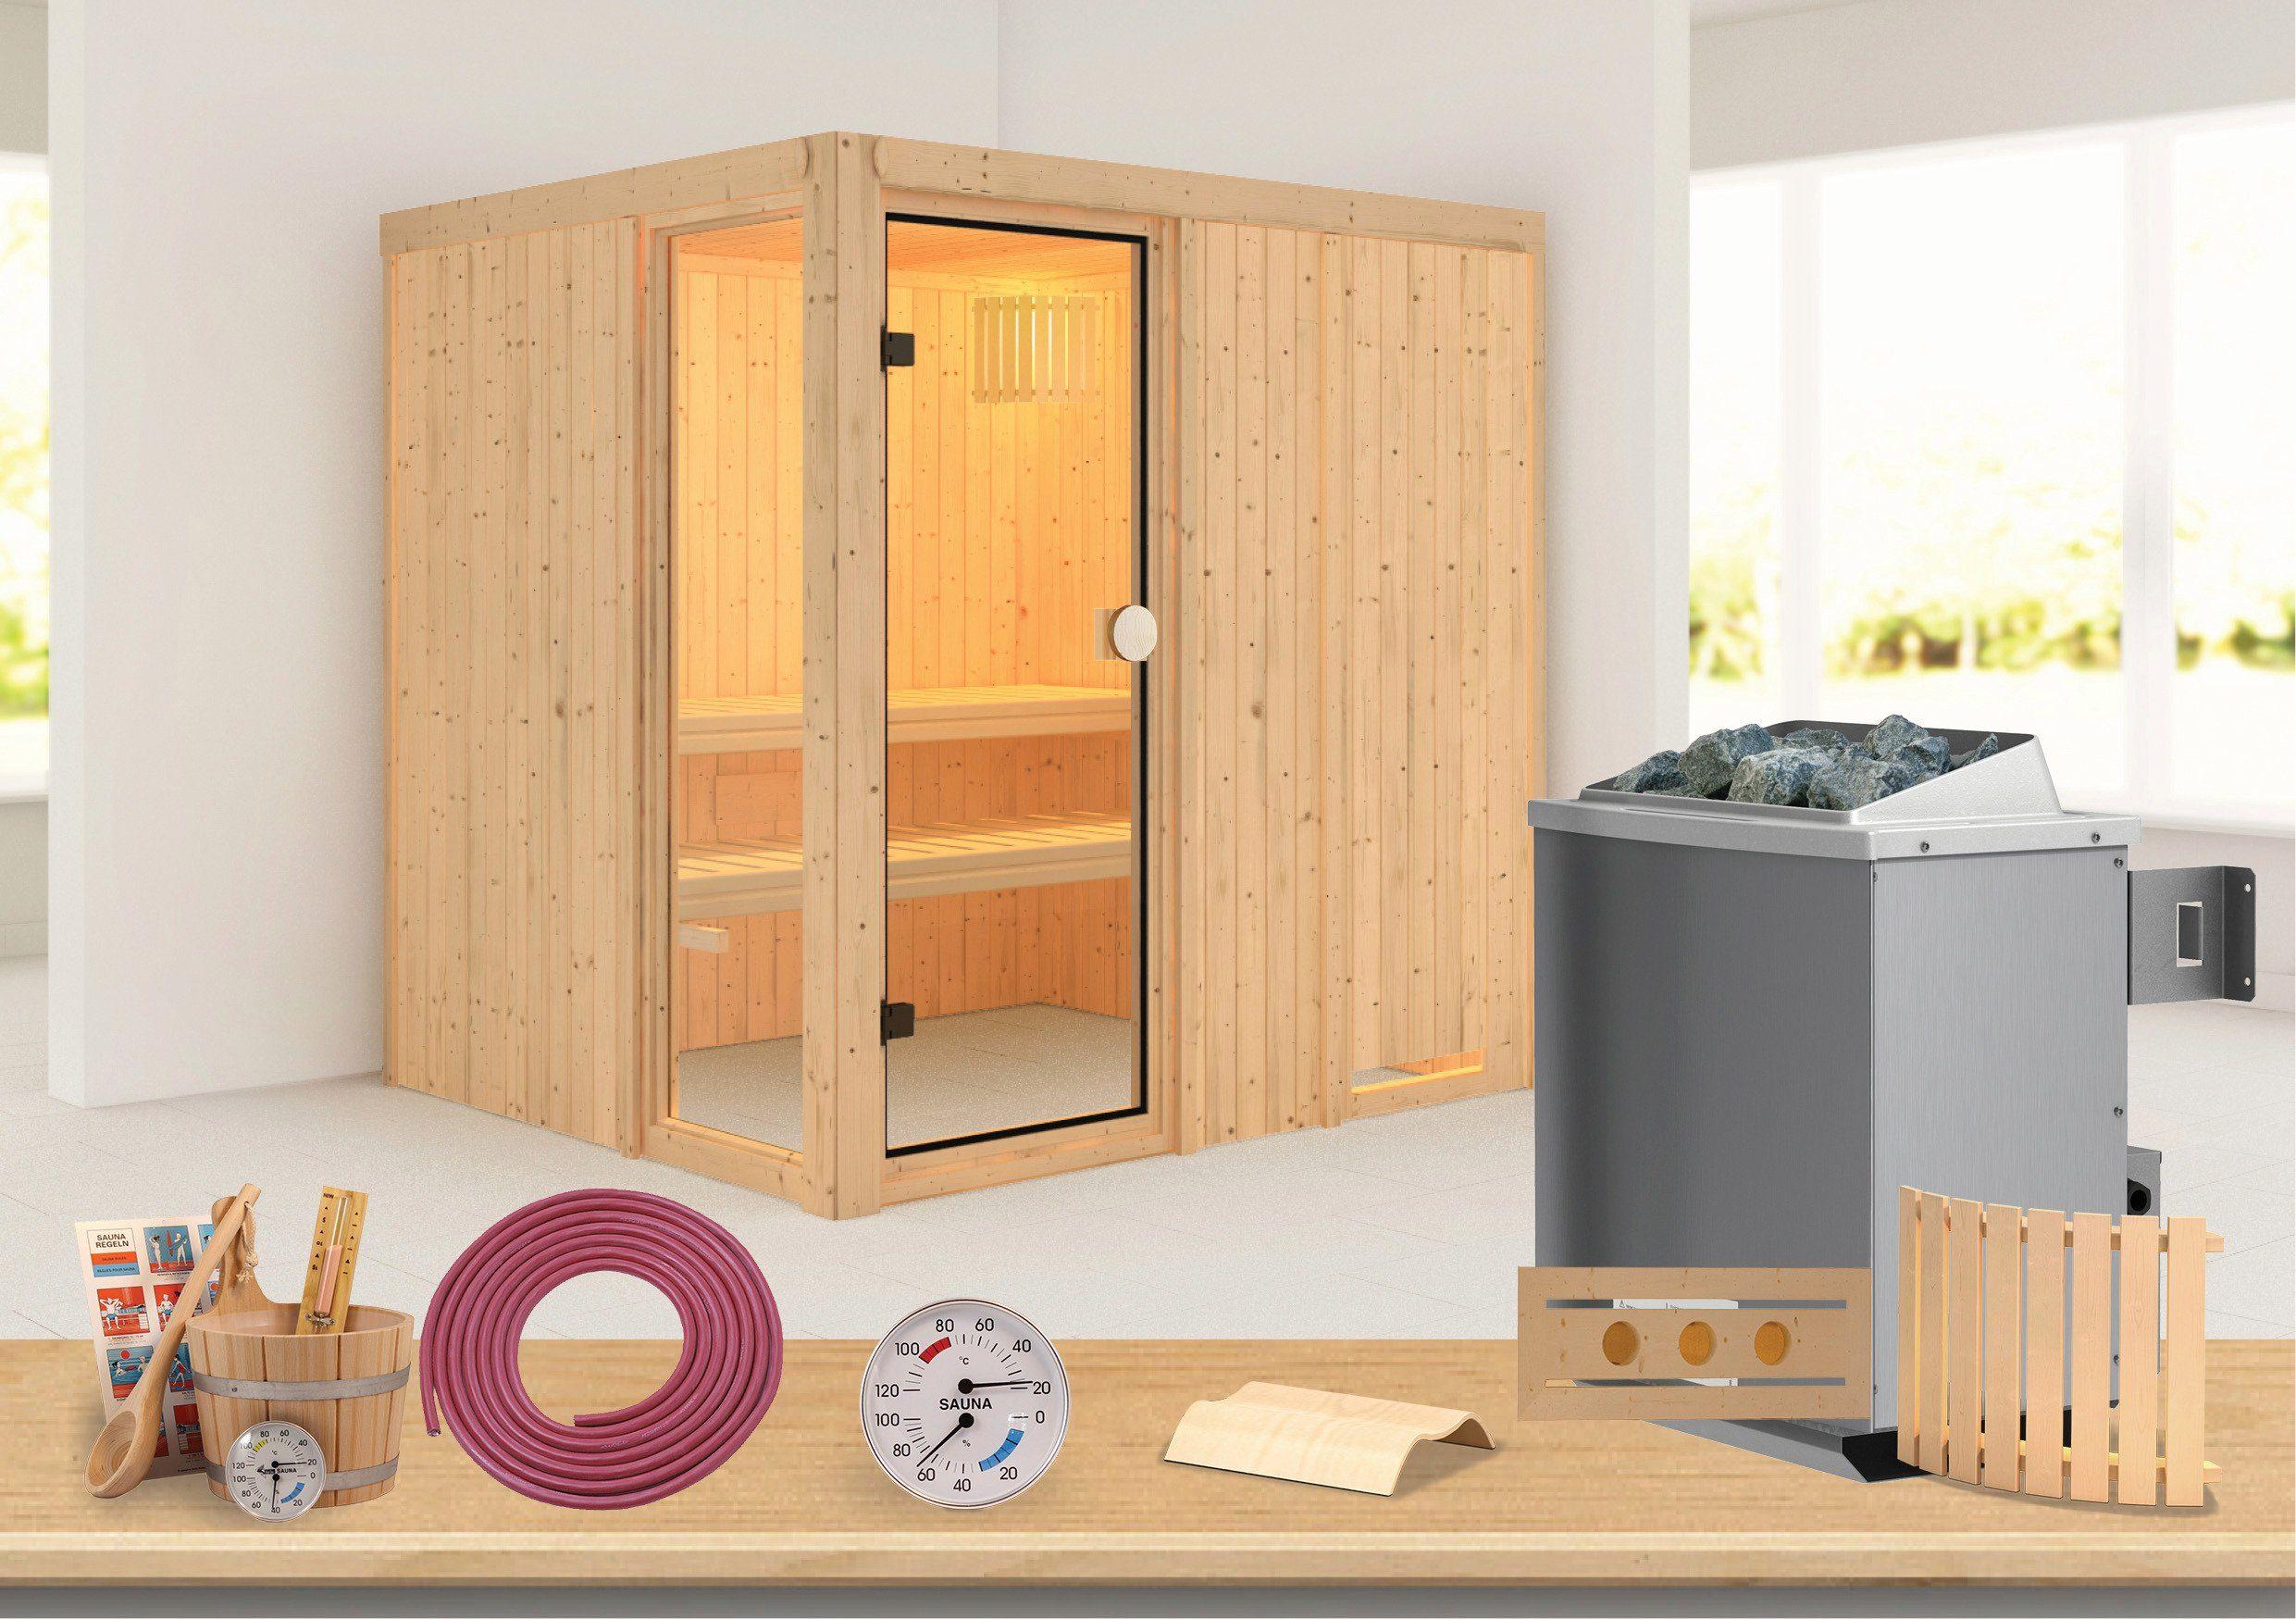 Sauna »Kabolin«, 196/170/198 cm, 68 mm, 9-KW-Ofen mit int. Steuerung